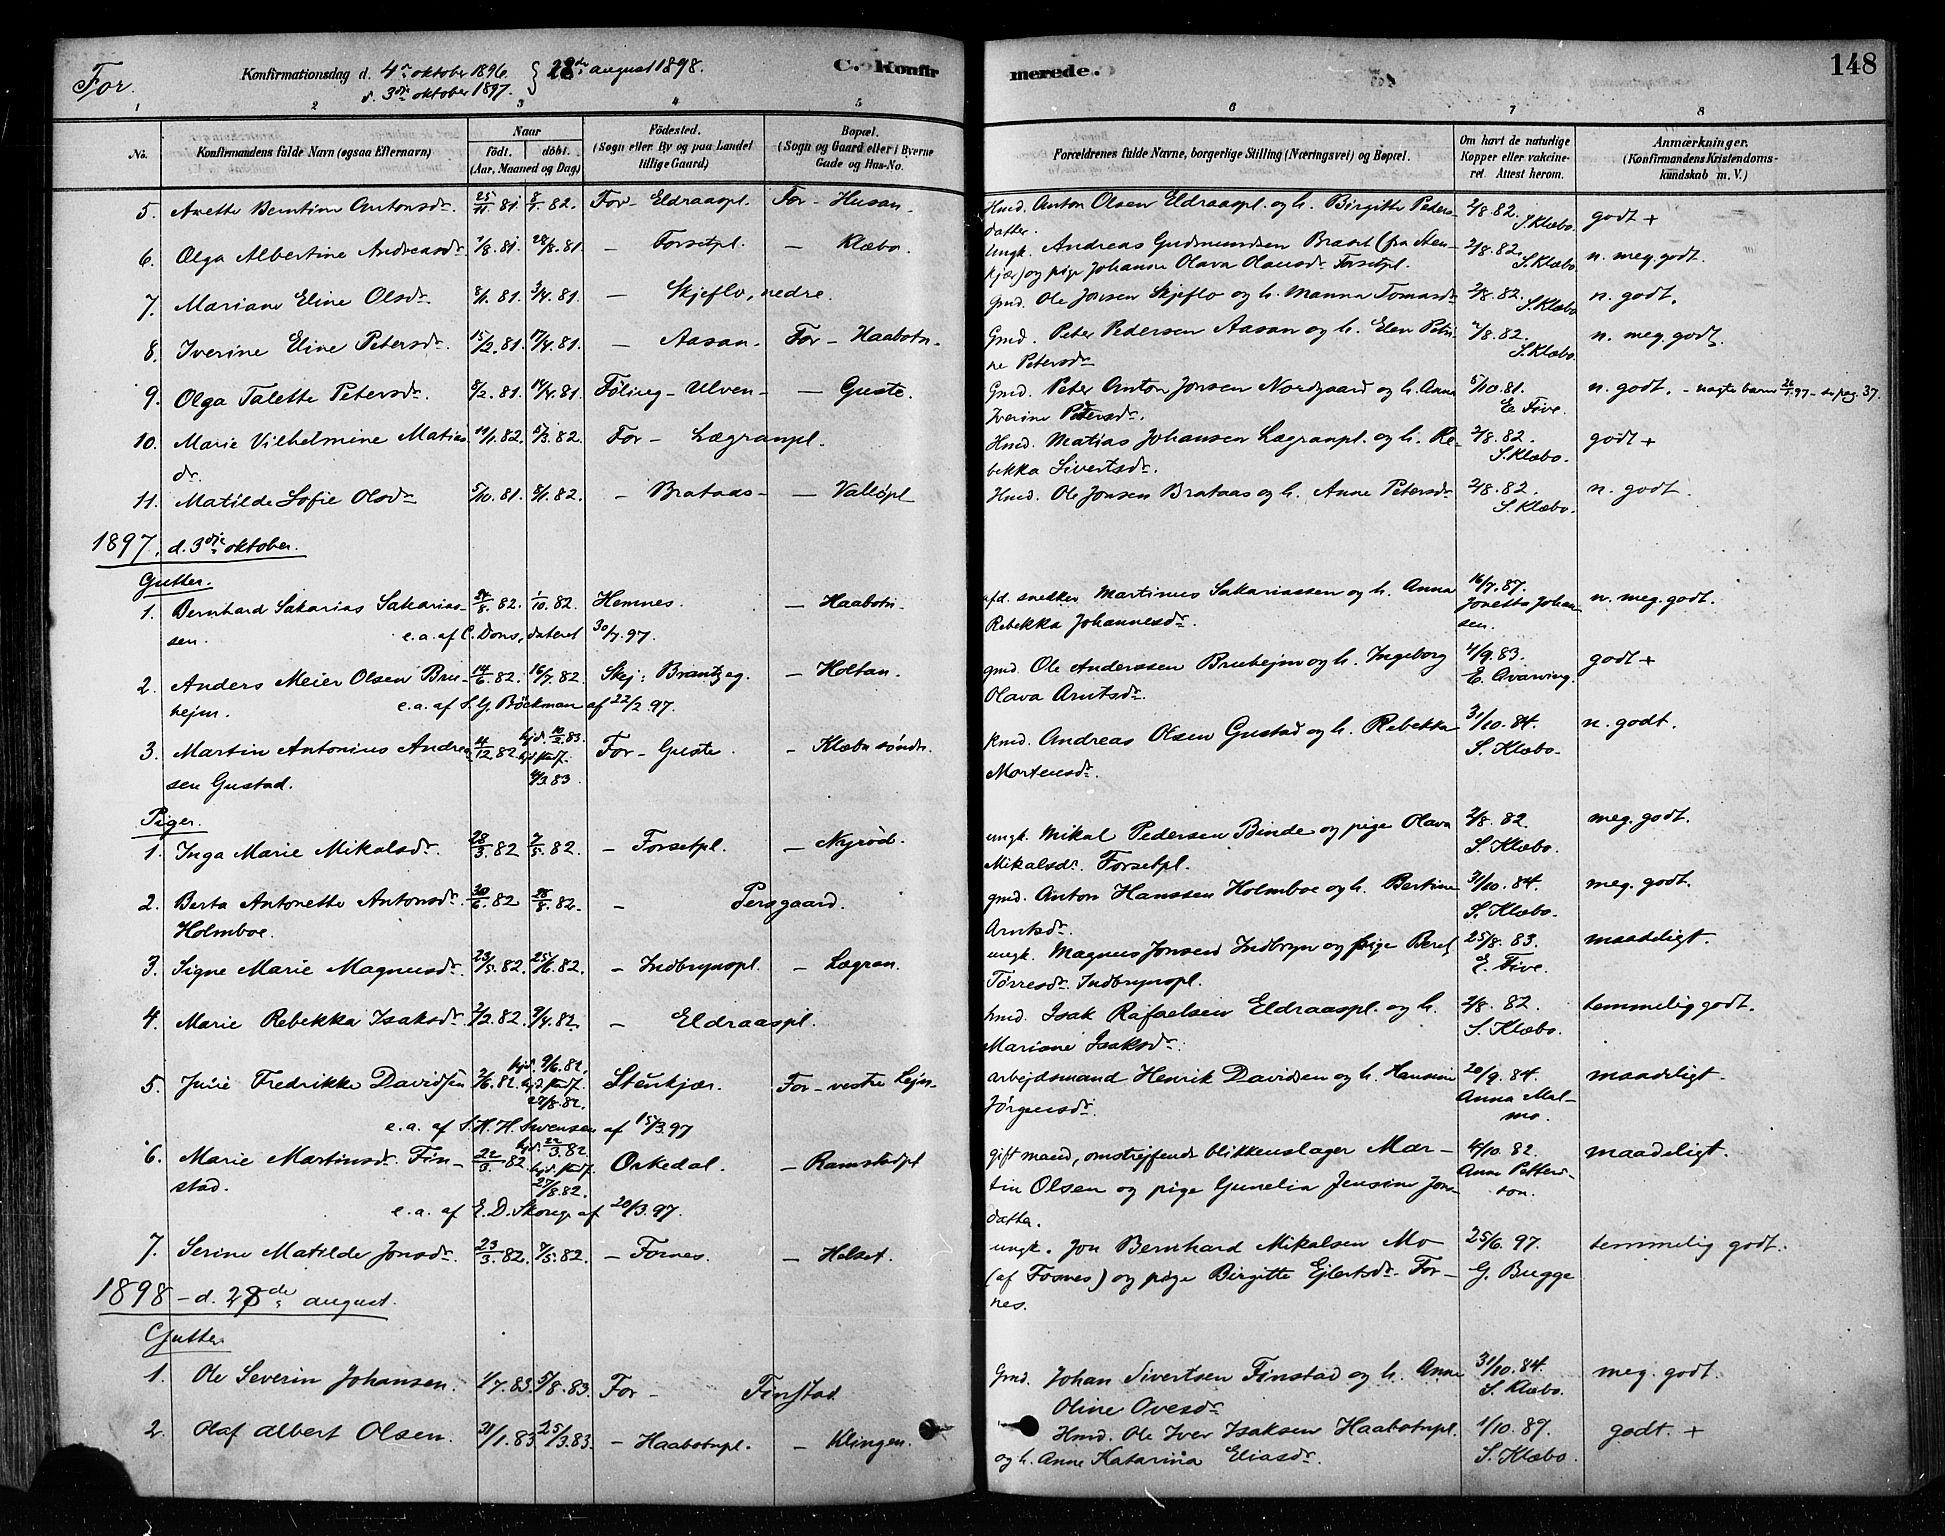 SAT, Ministerialprotokoller, klokkerbøker og fødselsregistre - Nord-Trøndelag, 746/L0448: Ministerialbok nr. 746A07 /1, 1878-1900, s. 148